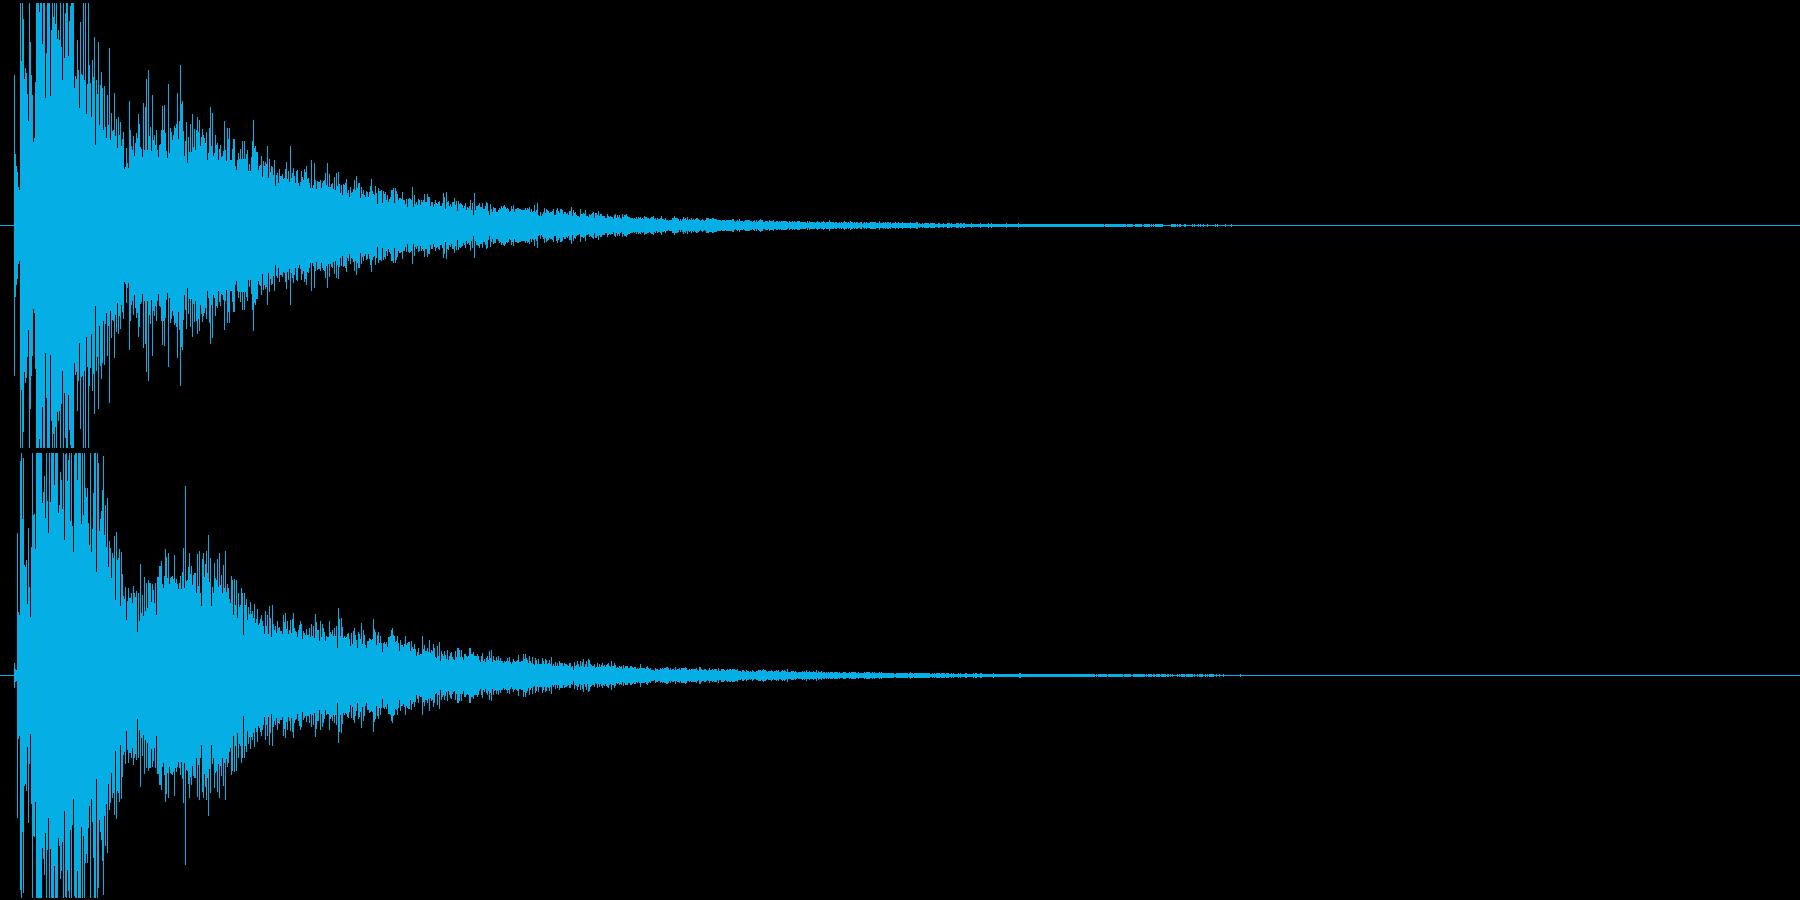 カキーン(氷系サウンド)の再生済みの波形